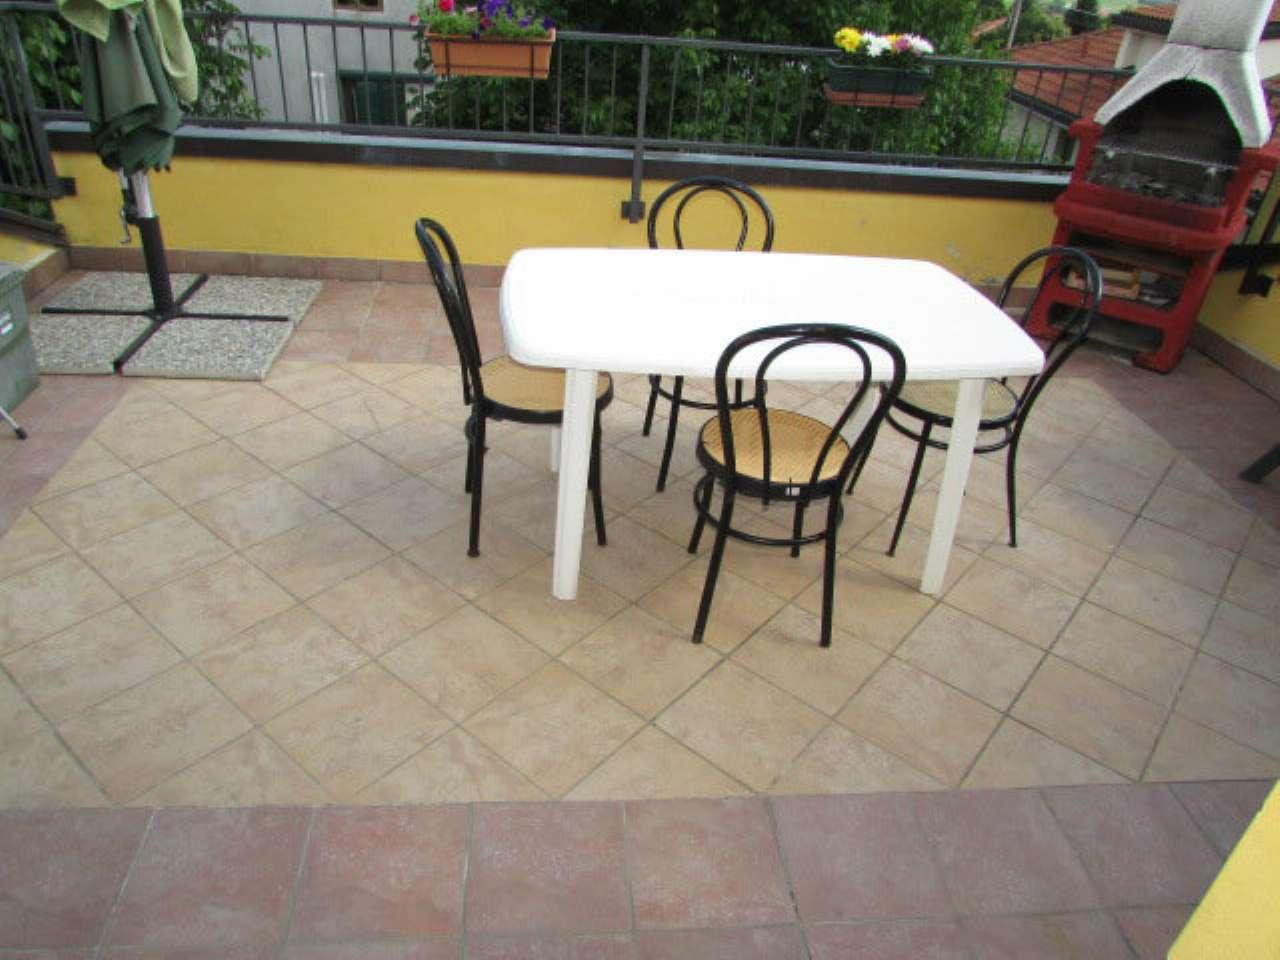 Attico / Mansarda in vendita a Cermenate, 3 locali, prezzo € 188.000 | PortaleAgenzieImmobiliari.it